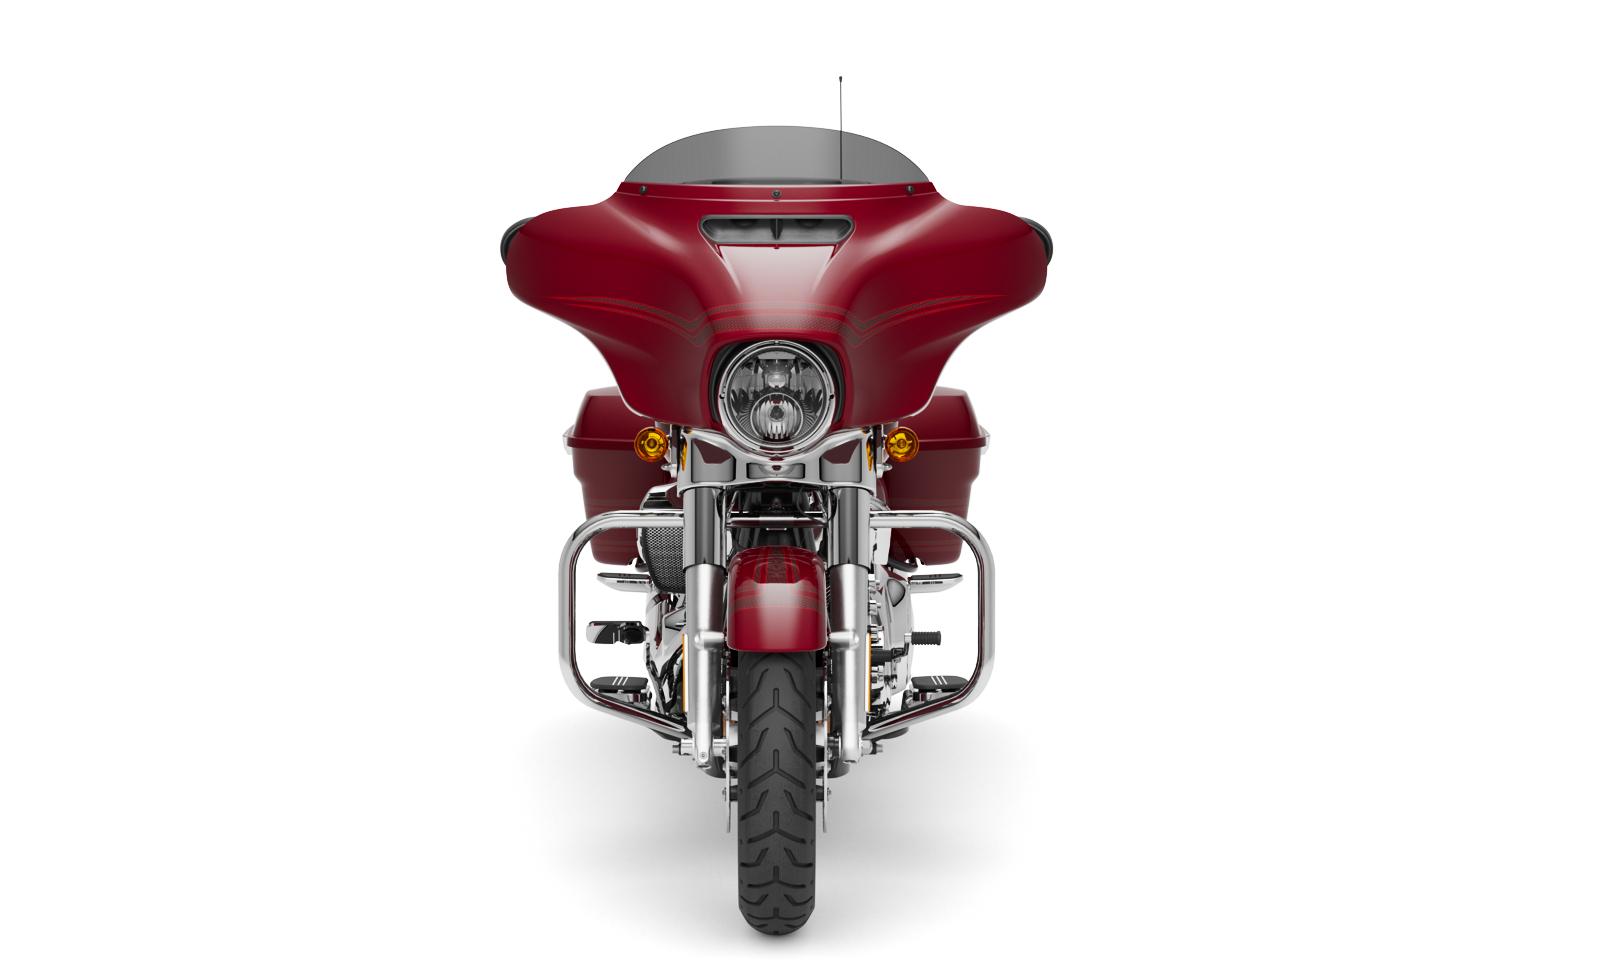 2020 street glide motorcycle harley